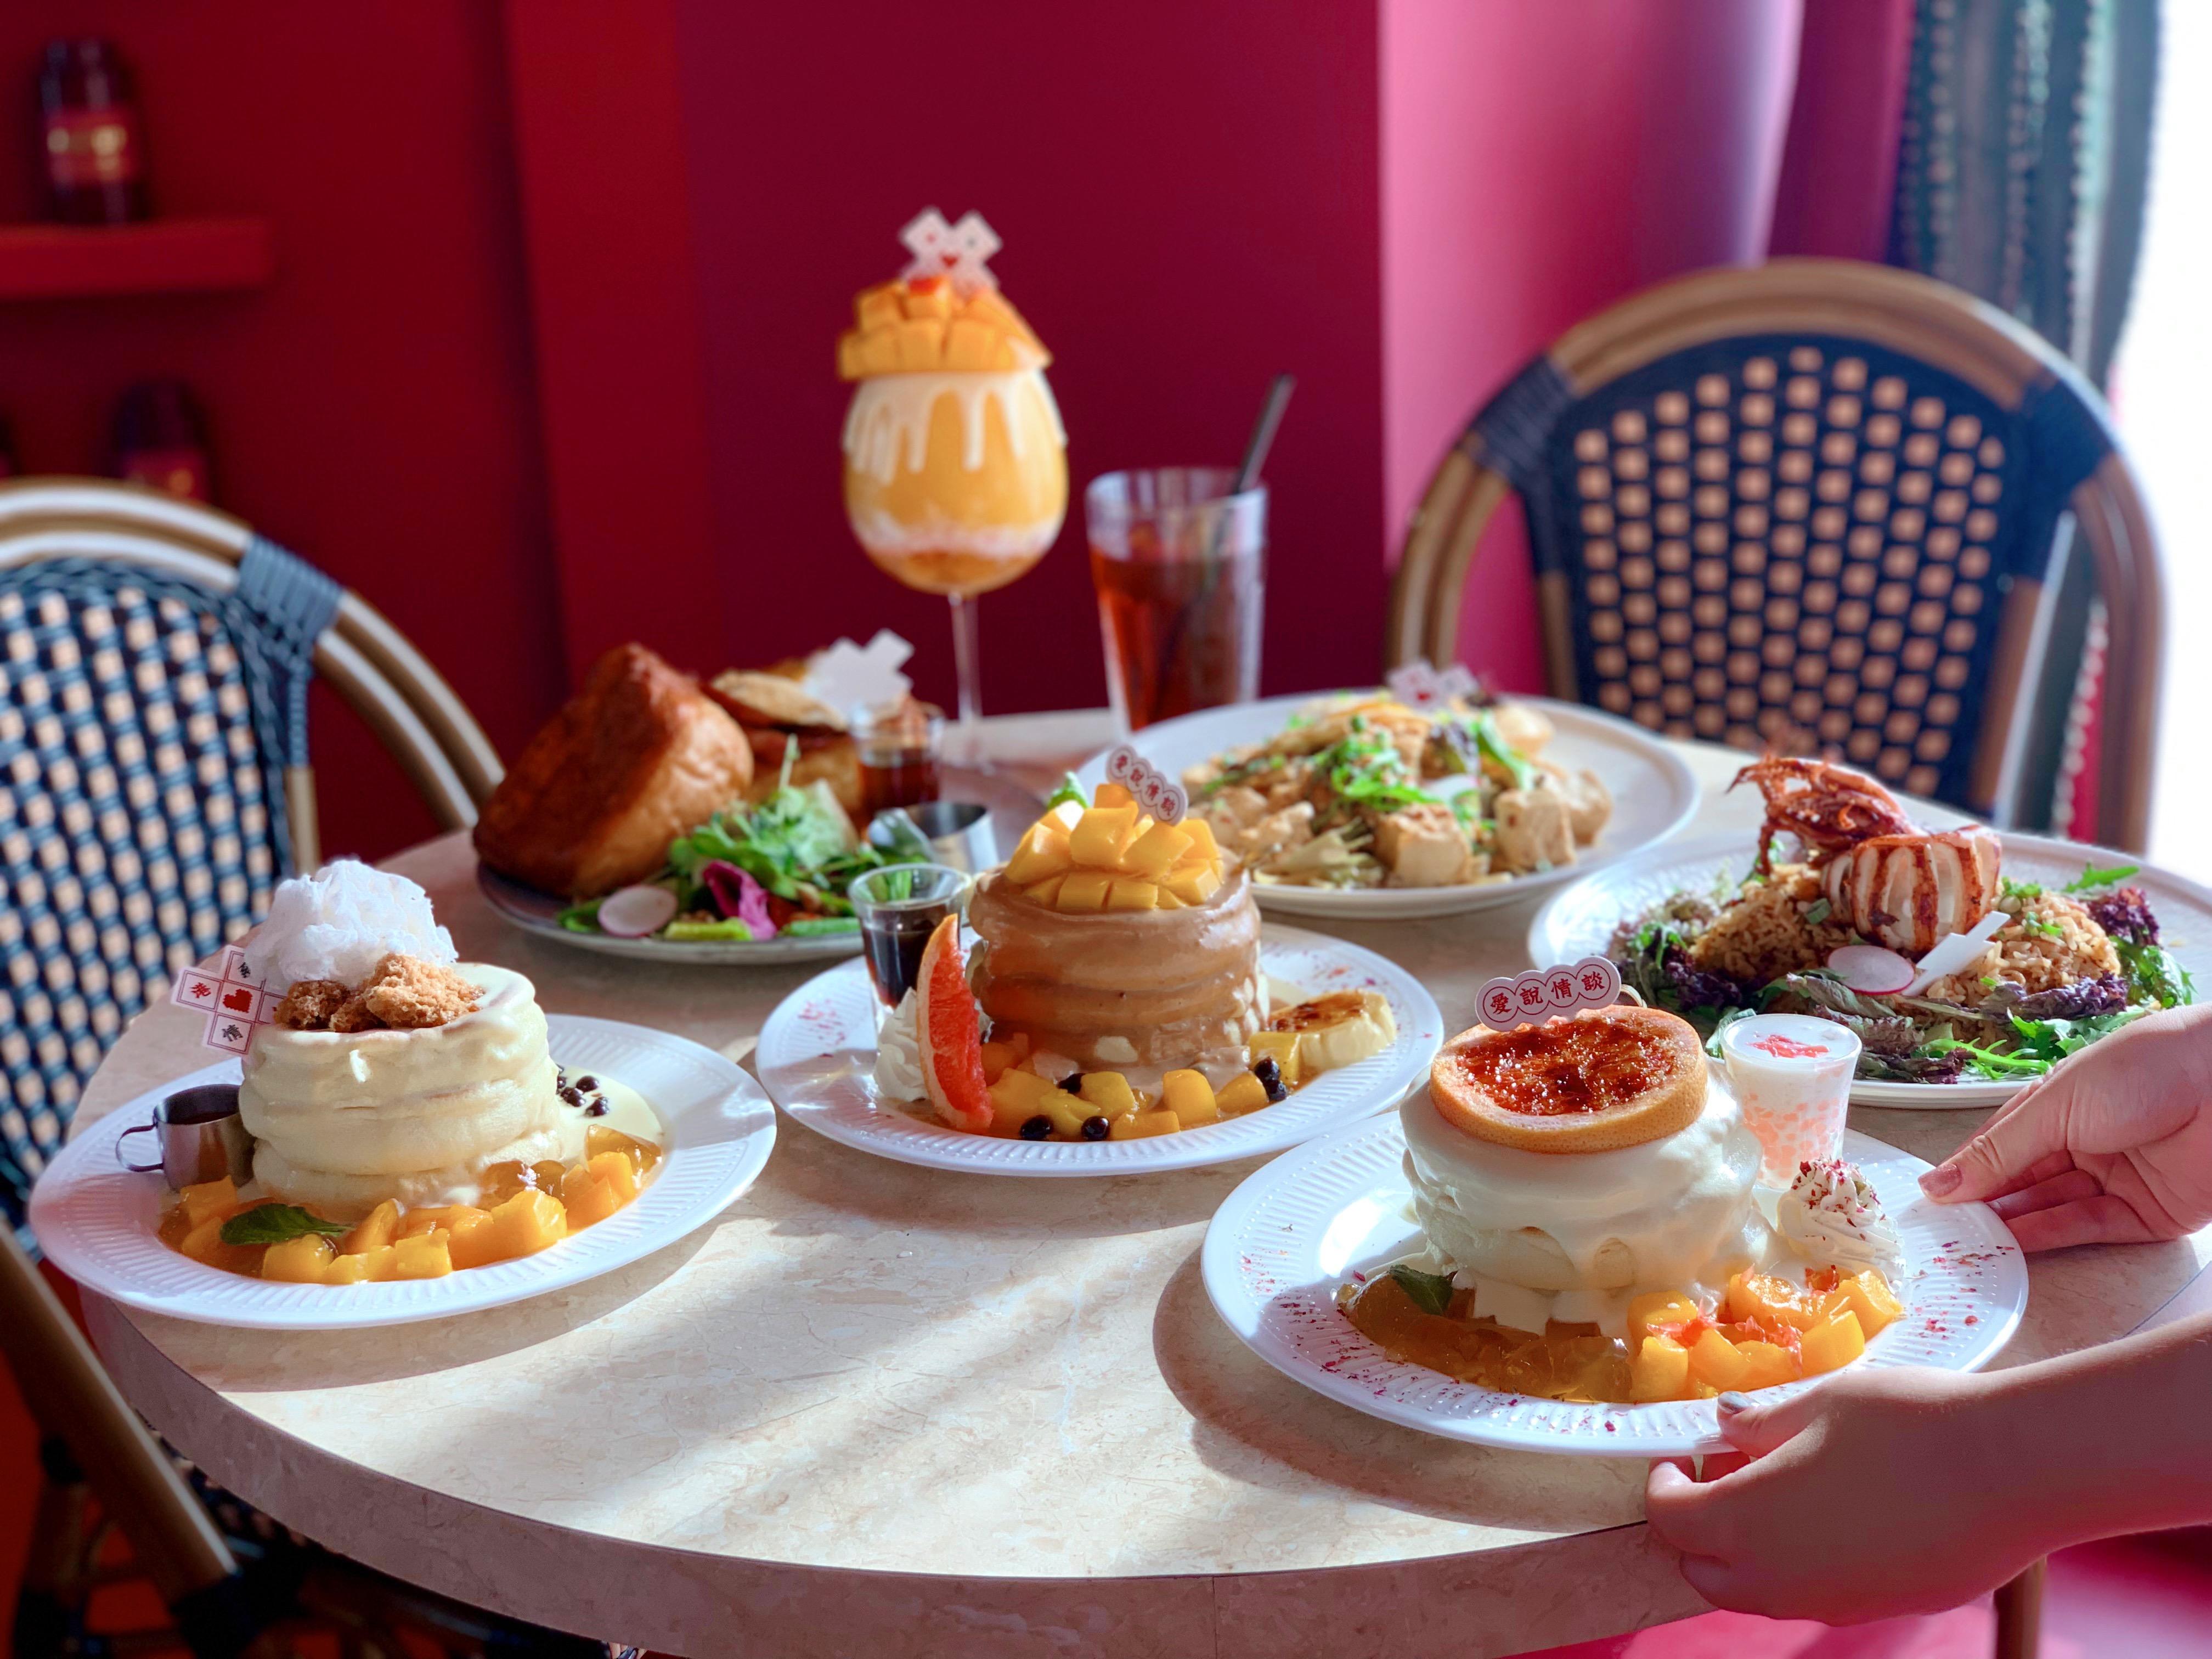 「楊枝甘露、芒果奶茶」變身爆漿舒芙蕾!台北咖啡廳新推浮誇系港點